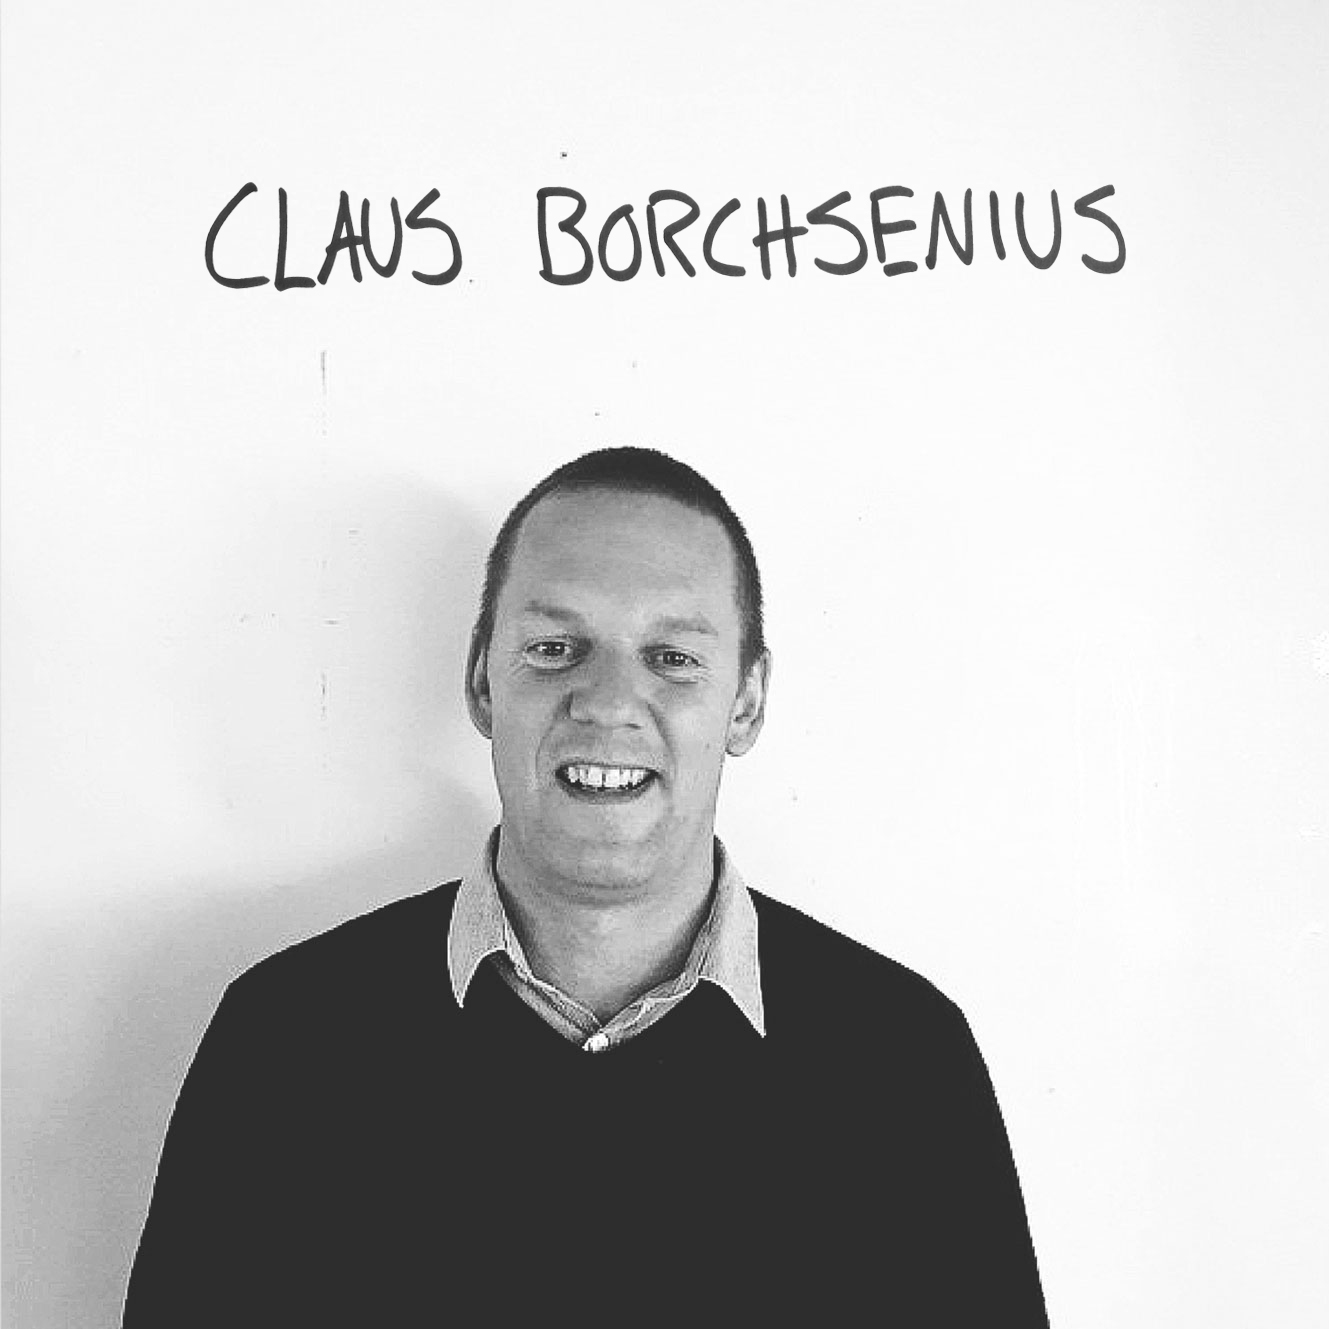 CLAUS BORCHSENIUS